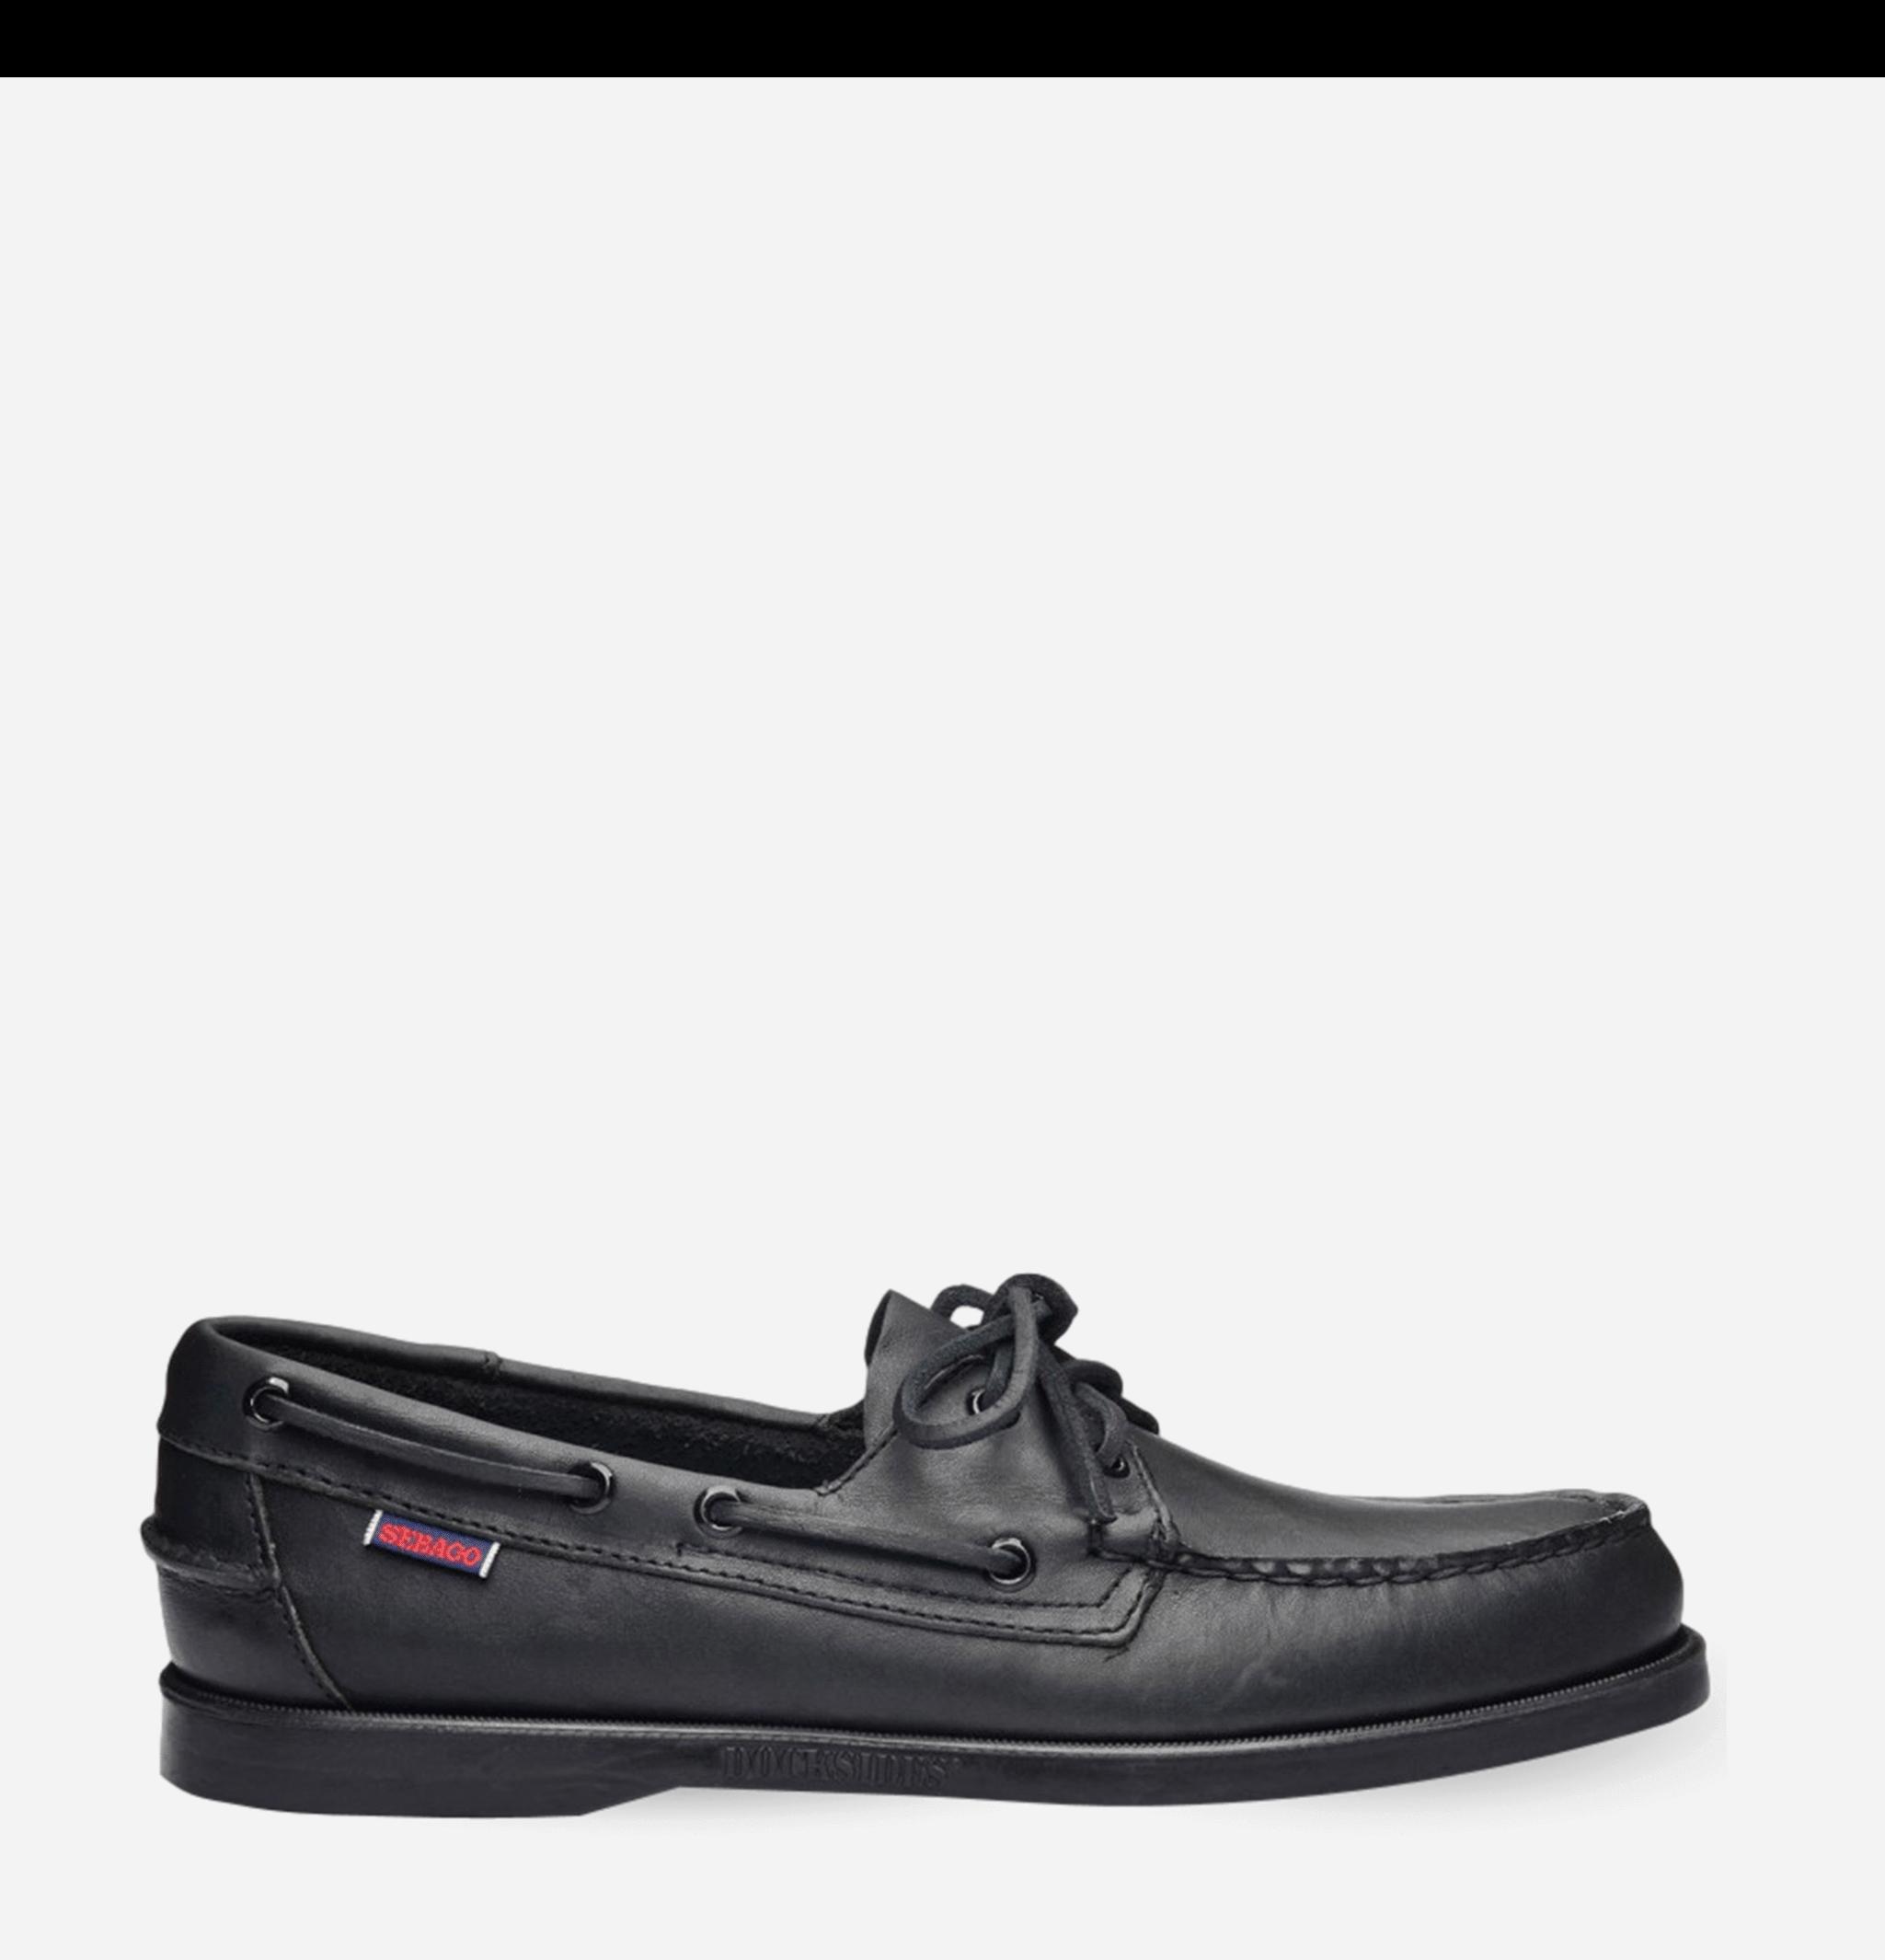 Docksides Shoes Black